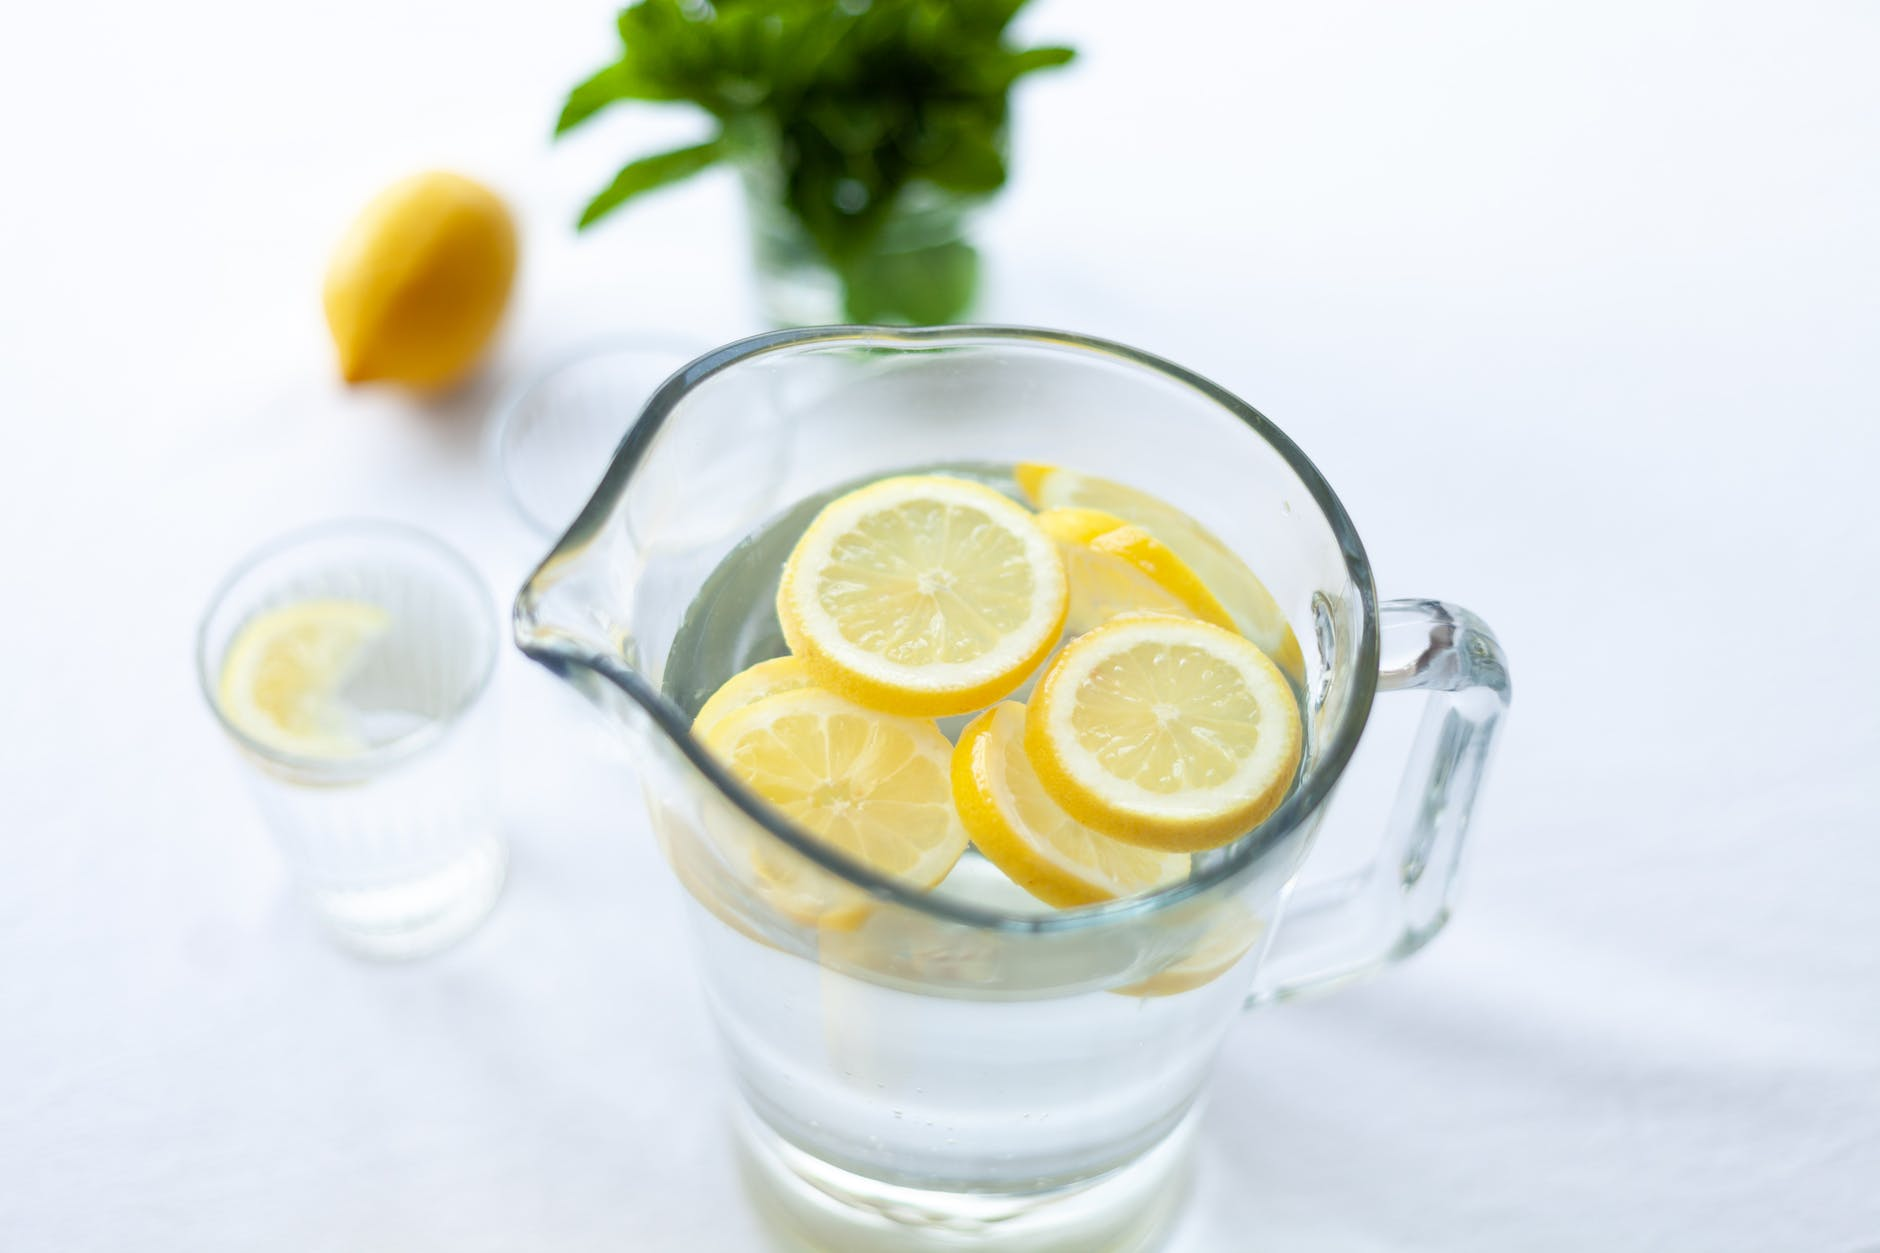 sliced lemon fruit in glass picher